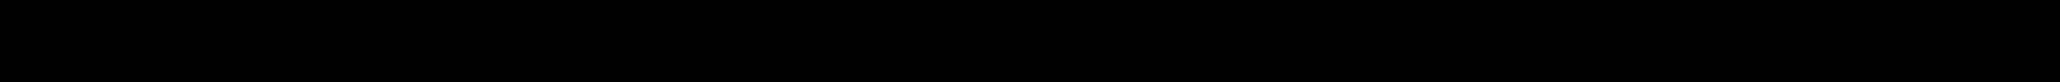 {\displaystyle \sum _{k=1}^{n}{\left[{\binom {n}{k-1}}\left(\left({\frac {d^{k}}{dx^{k}}}f(x)\right)\left({\frac {d^{n+1-k}}{dx^{n+1-k}}}g(x)\right)\right)\right]}+{\binom {n}{n}}\left(\left({\frac {d^{n+1}}{dx^{n+1}}}f(x)\right)\left({\frac {d^{0}}{dx^{0}}}g(x)\right)\right)+\sum _{k=1}^{n}{\left[{\binom {n}{k}}\left(\left({\frac {d^{k}}{dx^{k}}}f(x)\right)\left({\frac {d^{n+1-k}}{dx^{n+1-k}}}g(x)\right)\right)\right]}+{\binom {n}{0}}\left(\left({\frac {d^{0}}{dx^{0}}}f(x)\right)\left({\frac {d^{n+1}}{dx^{n+1}}}g(x)\right)\right)}